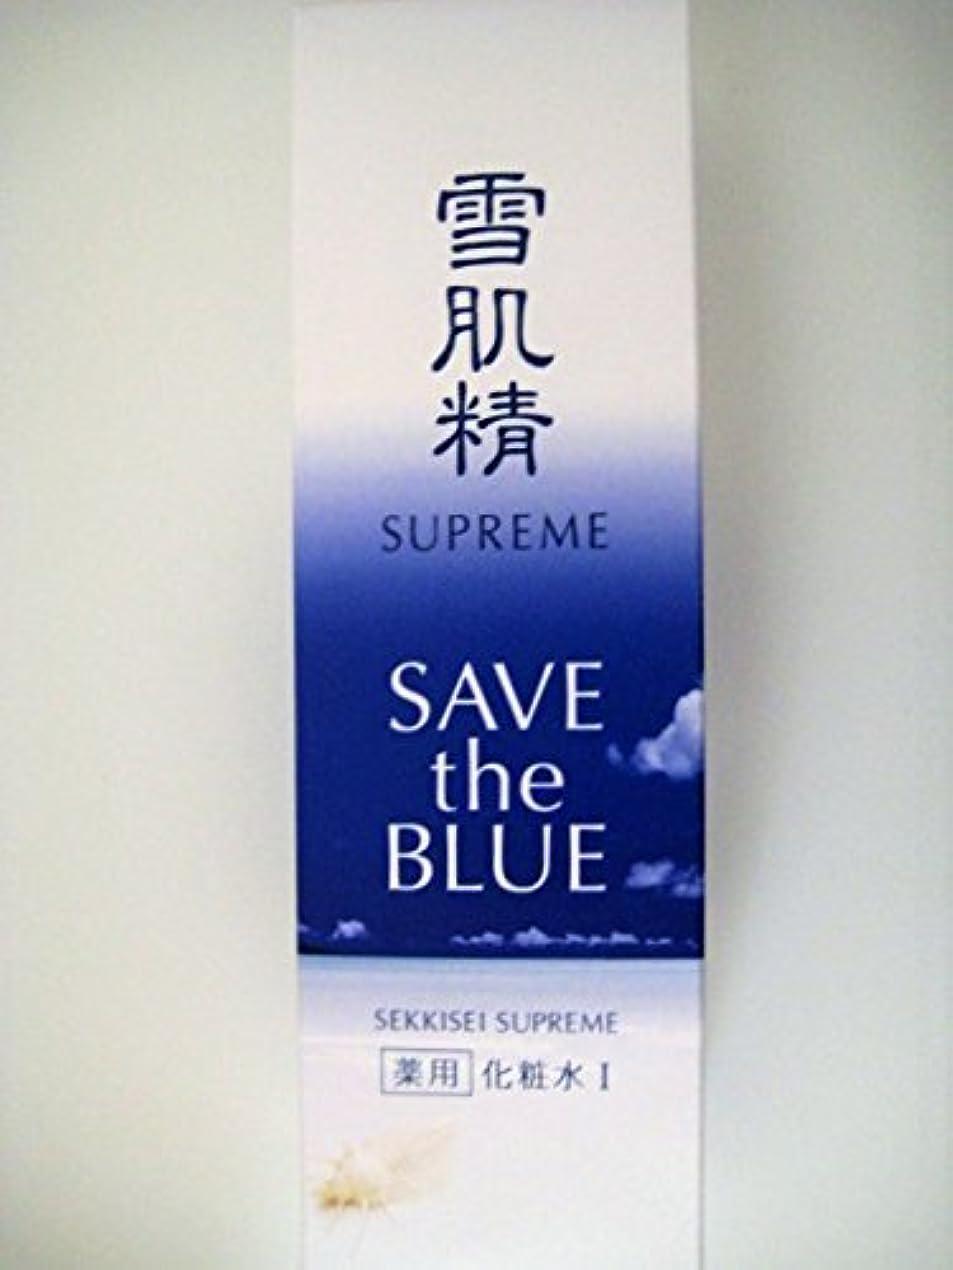 発表心理的にボイラー雪肌精 シュープレム 化粧水 Ⅰ SAVE THE BLUE 400ml